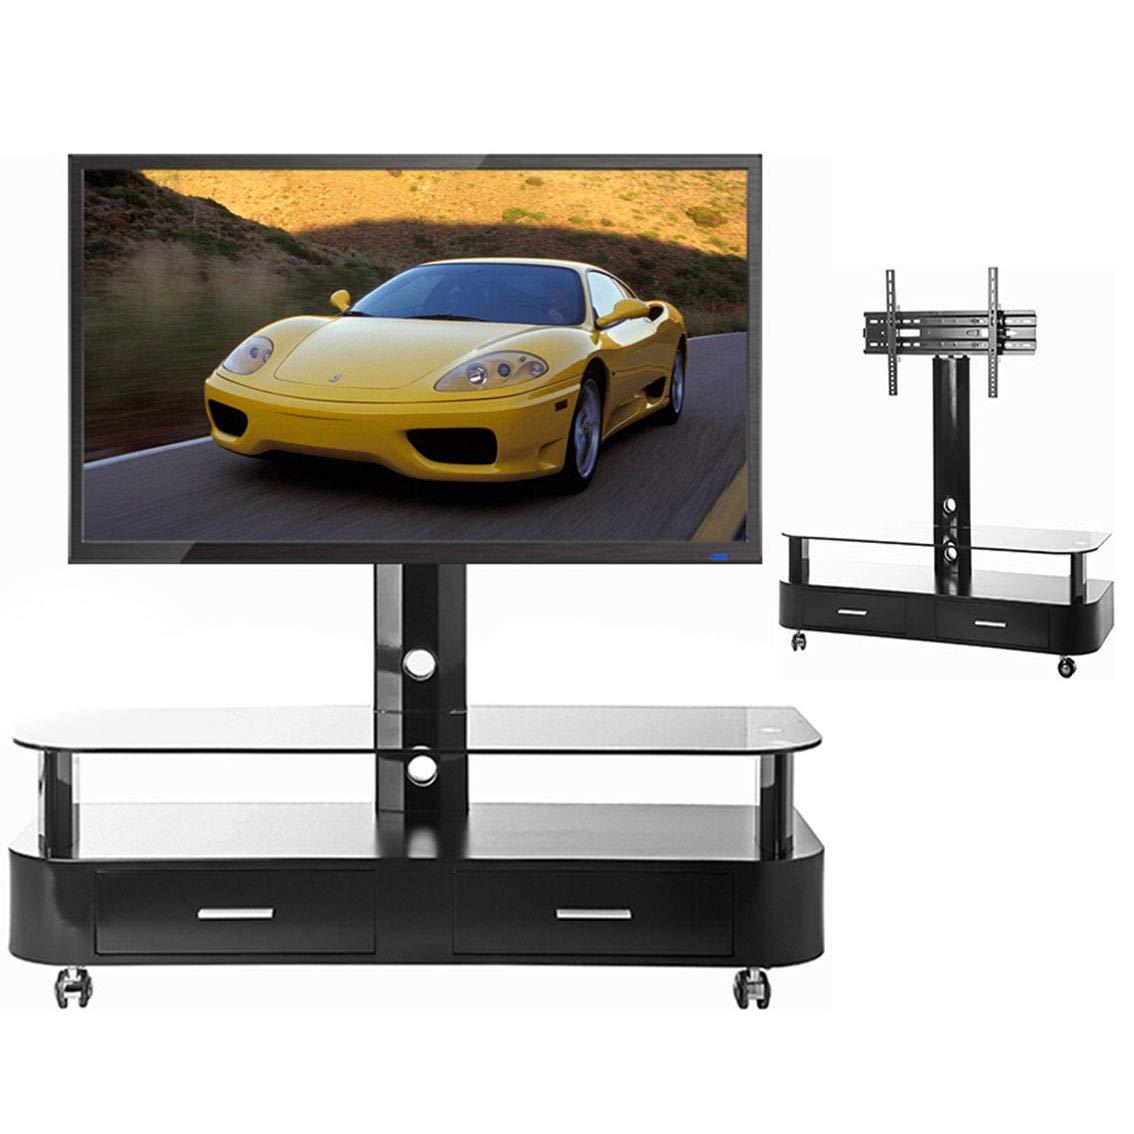 ユニバーサルTVカートスタンド、3265インチ360度回転LED LCDプラズマフラットパネル用引き出し付き強化ガラスベース付きワイヤー管理会議室レセプションホール   B07QYSYGVW